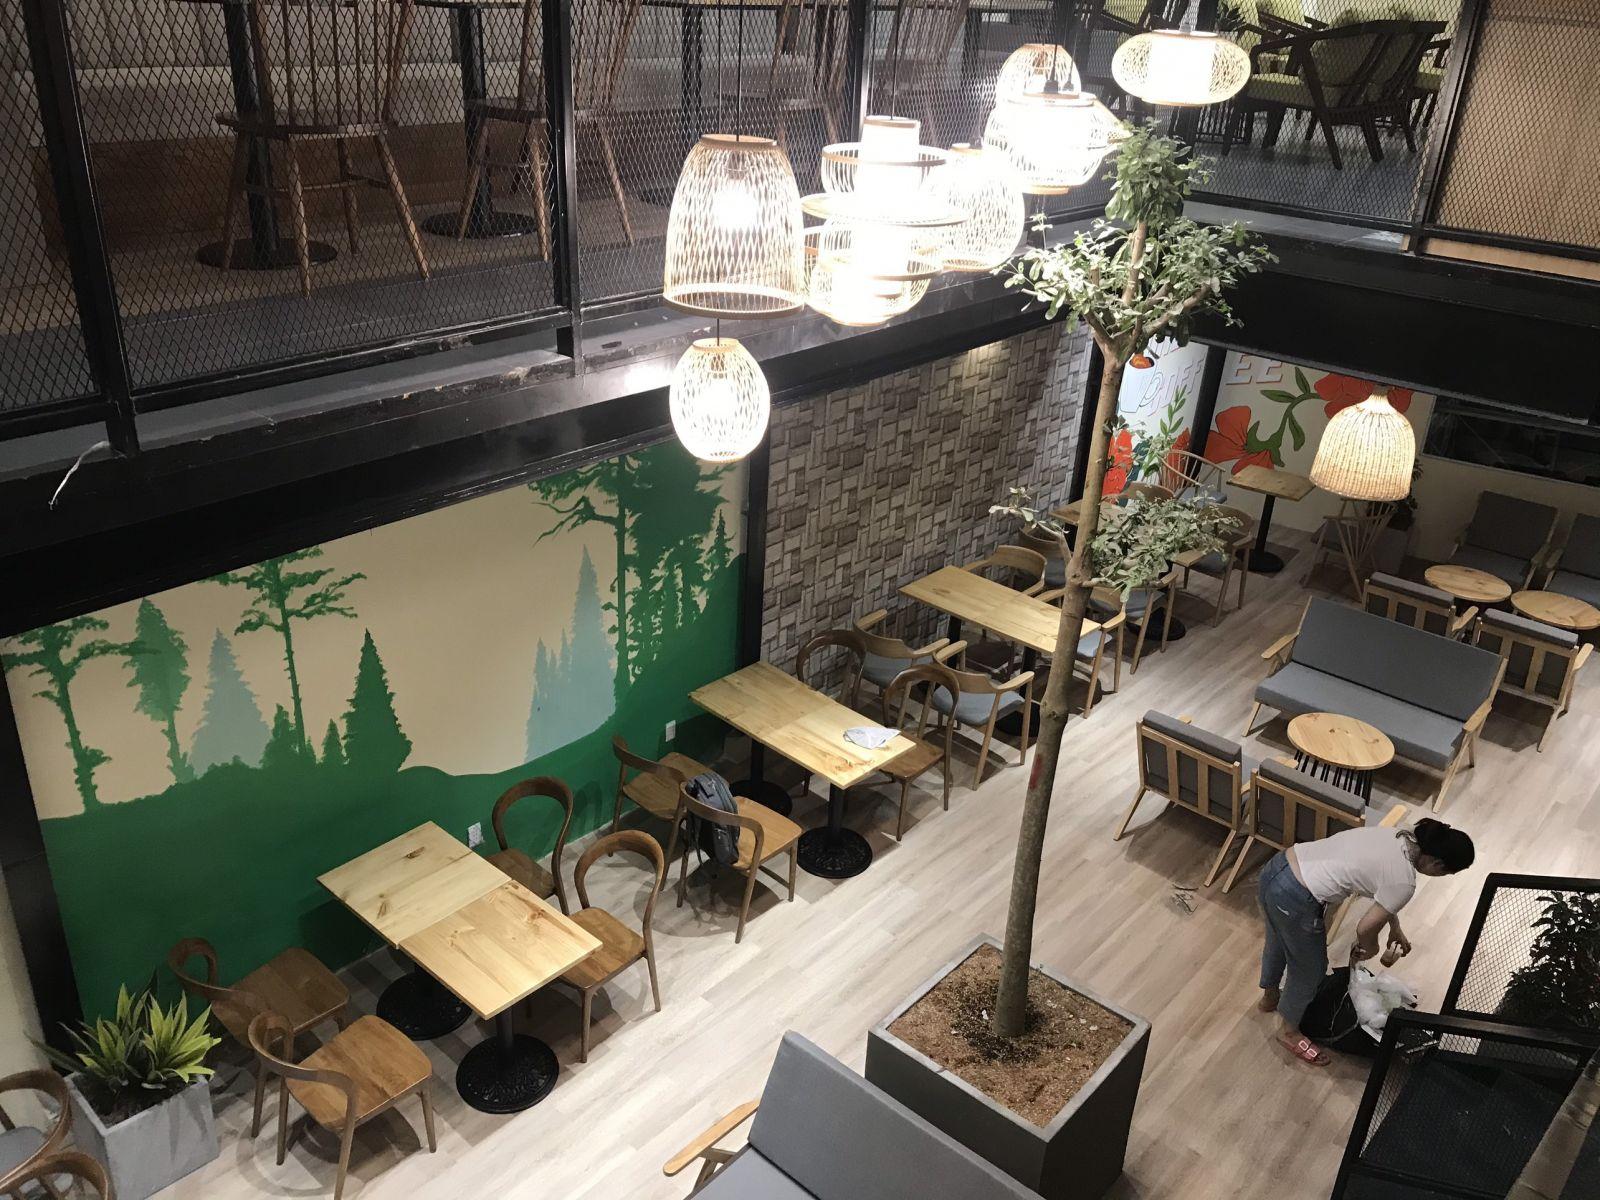 quan-cafe200m2-bom-bom-coffee-tien-giang-26